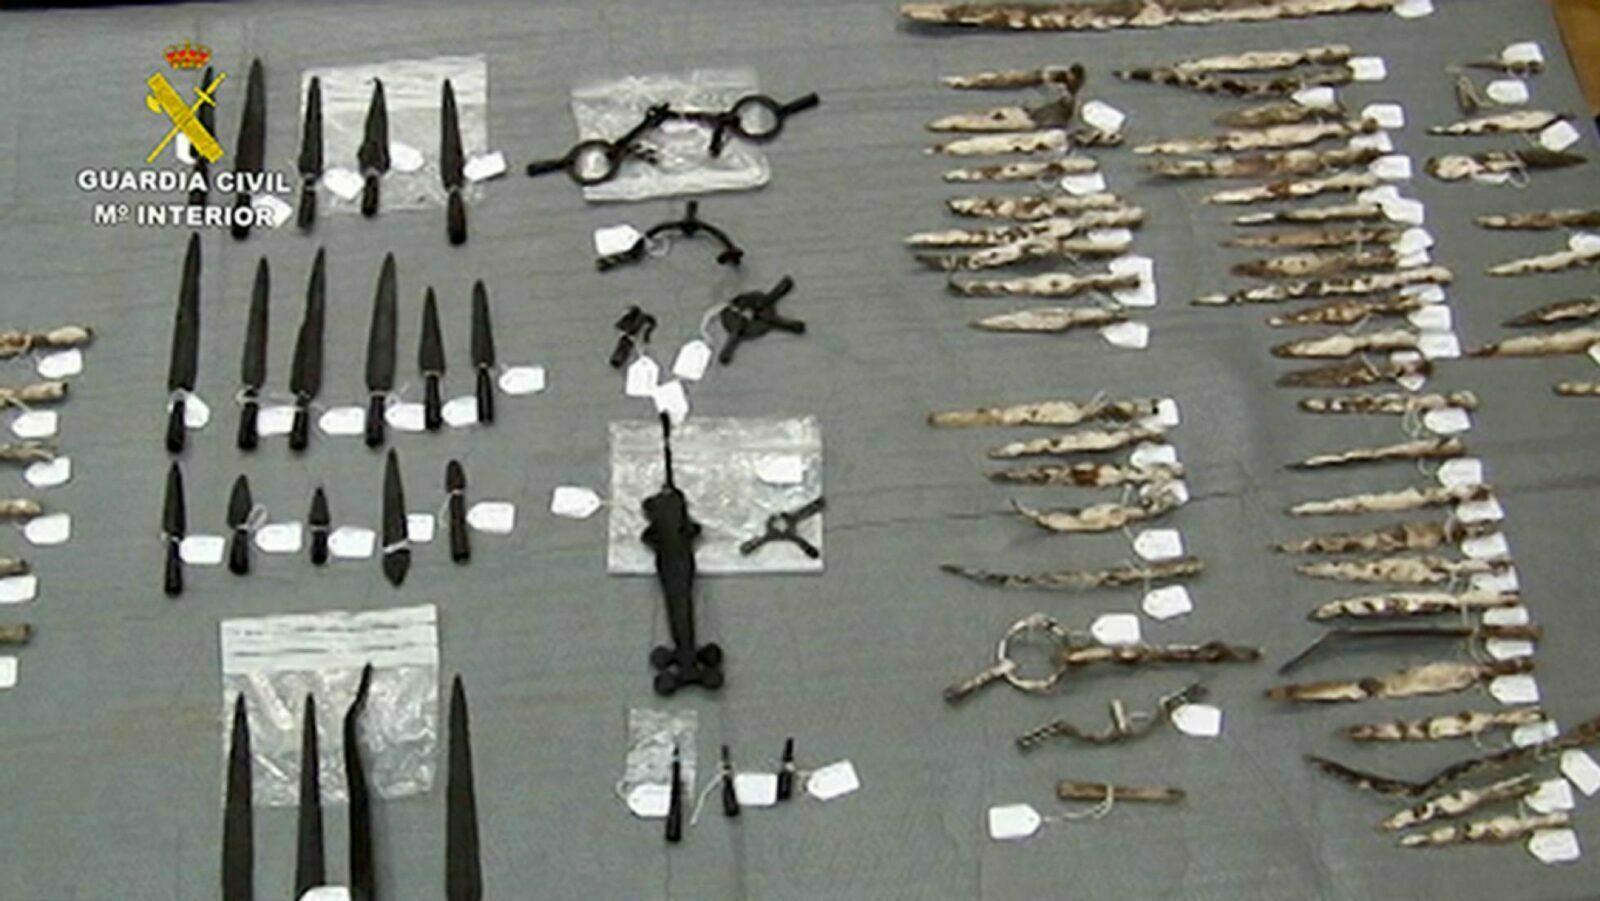 De yacimiento celtíbero expoliado a yacimiento excavado. Nueva campaña arqueológica en Los Ausines, Burgos